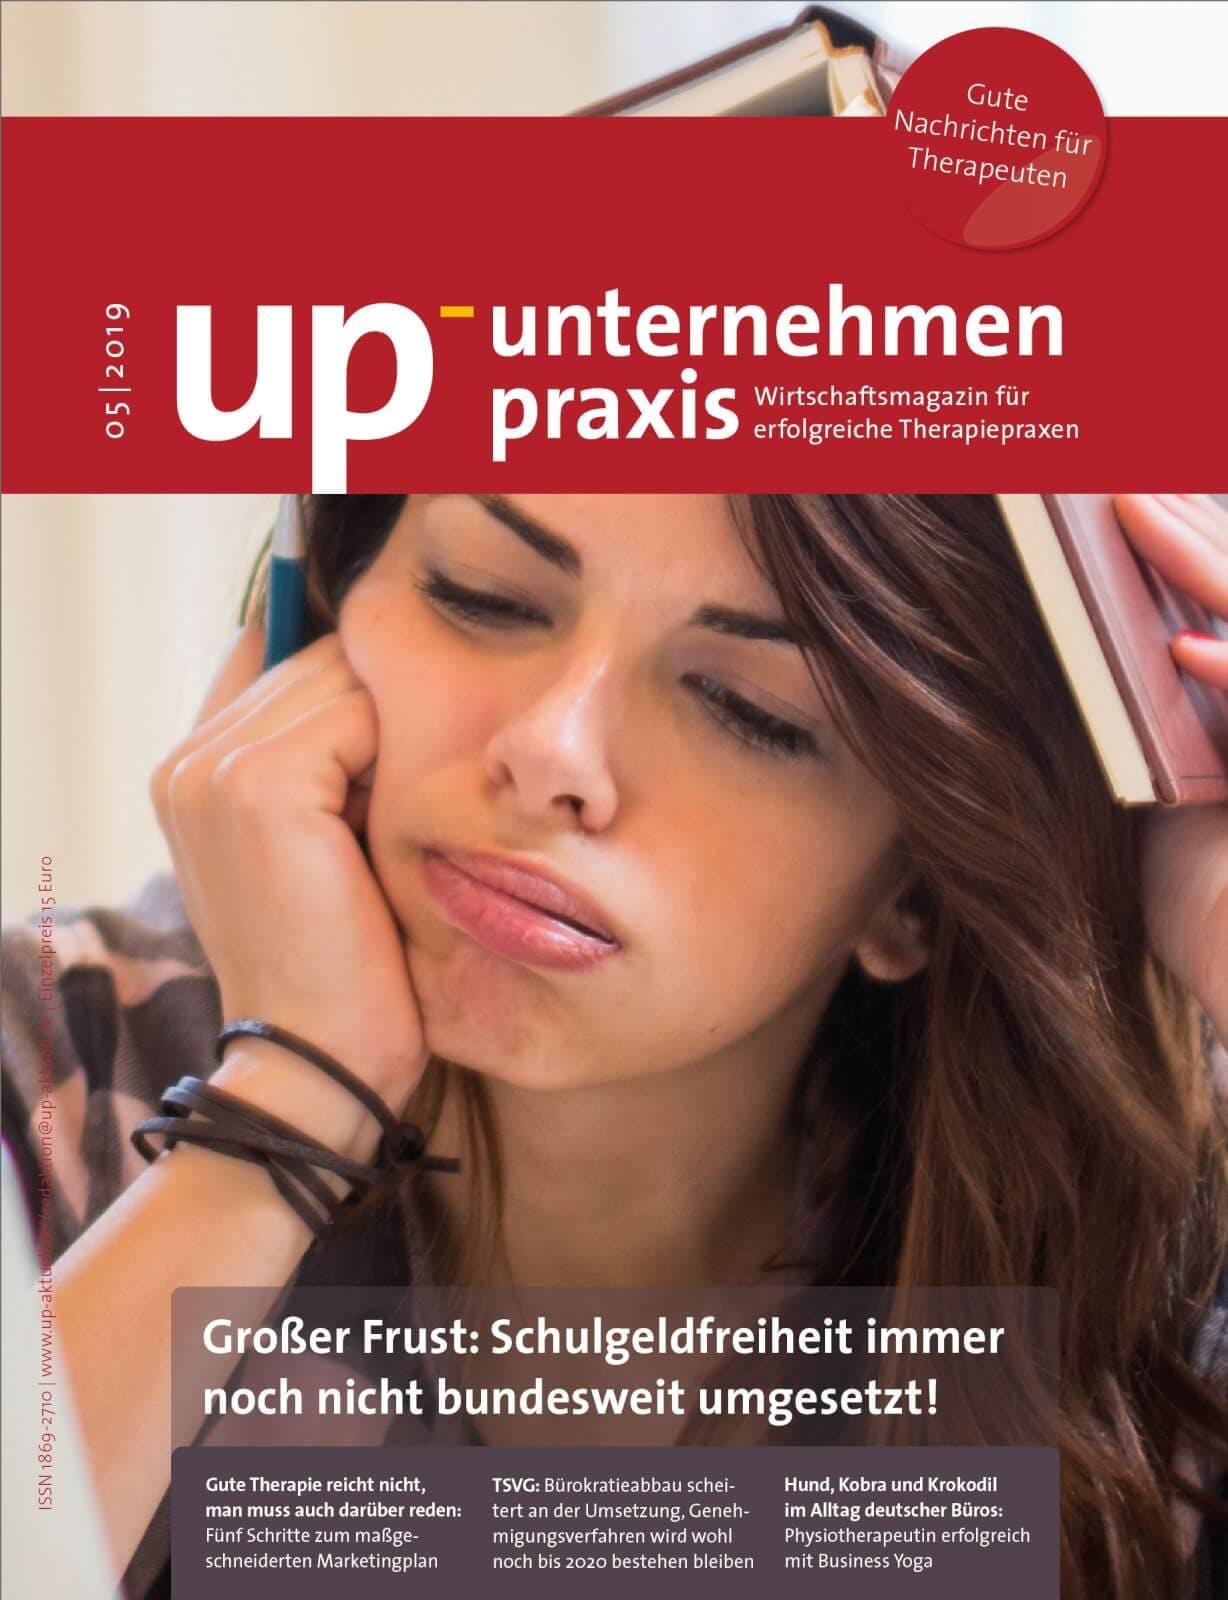 Ausgabe 5/2019 Großer Frust: Schulgeldfreiheit immer noch nicht bundesweit umgesetzt!